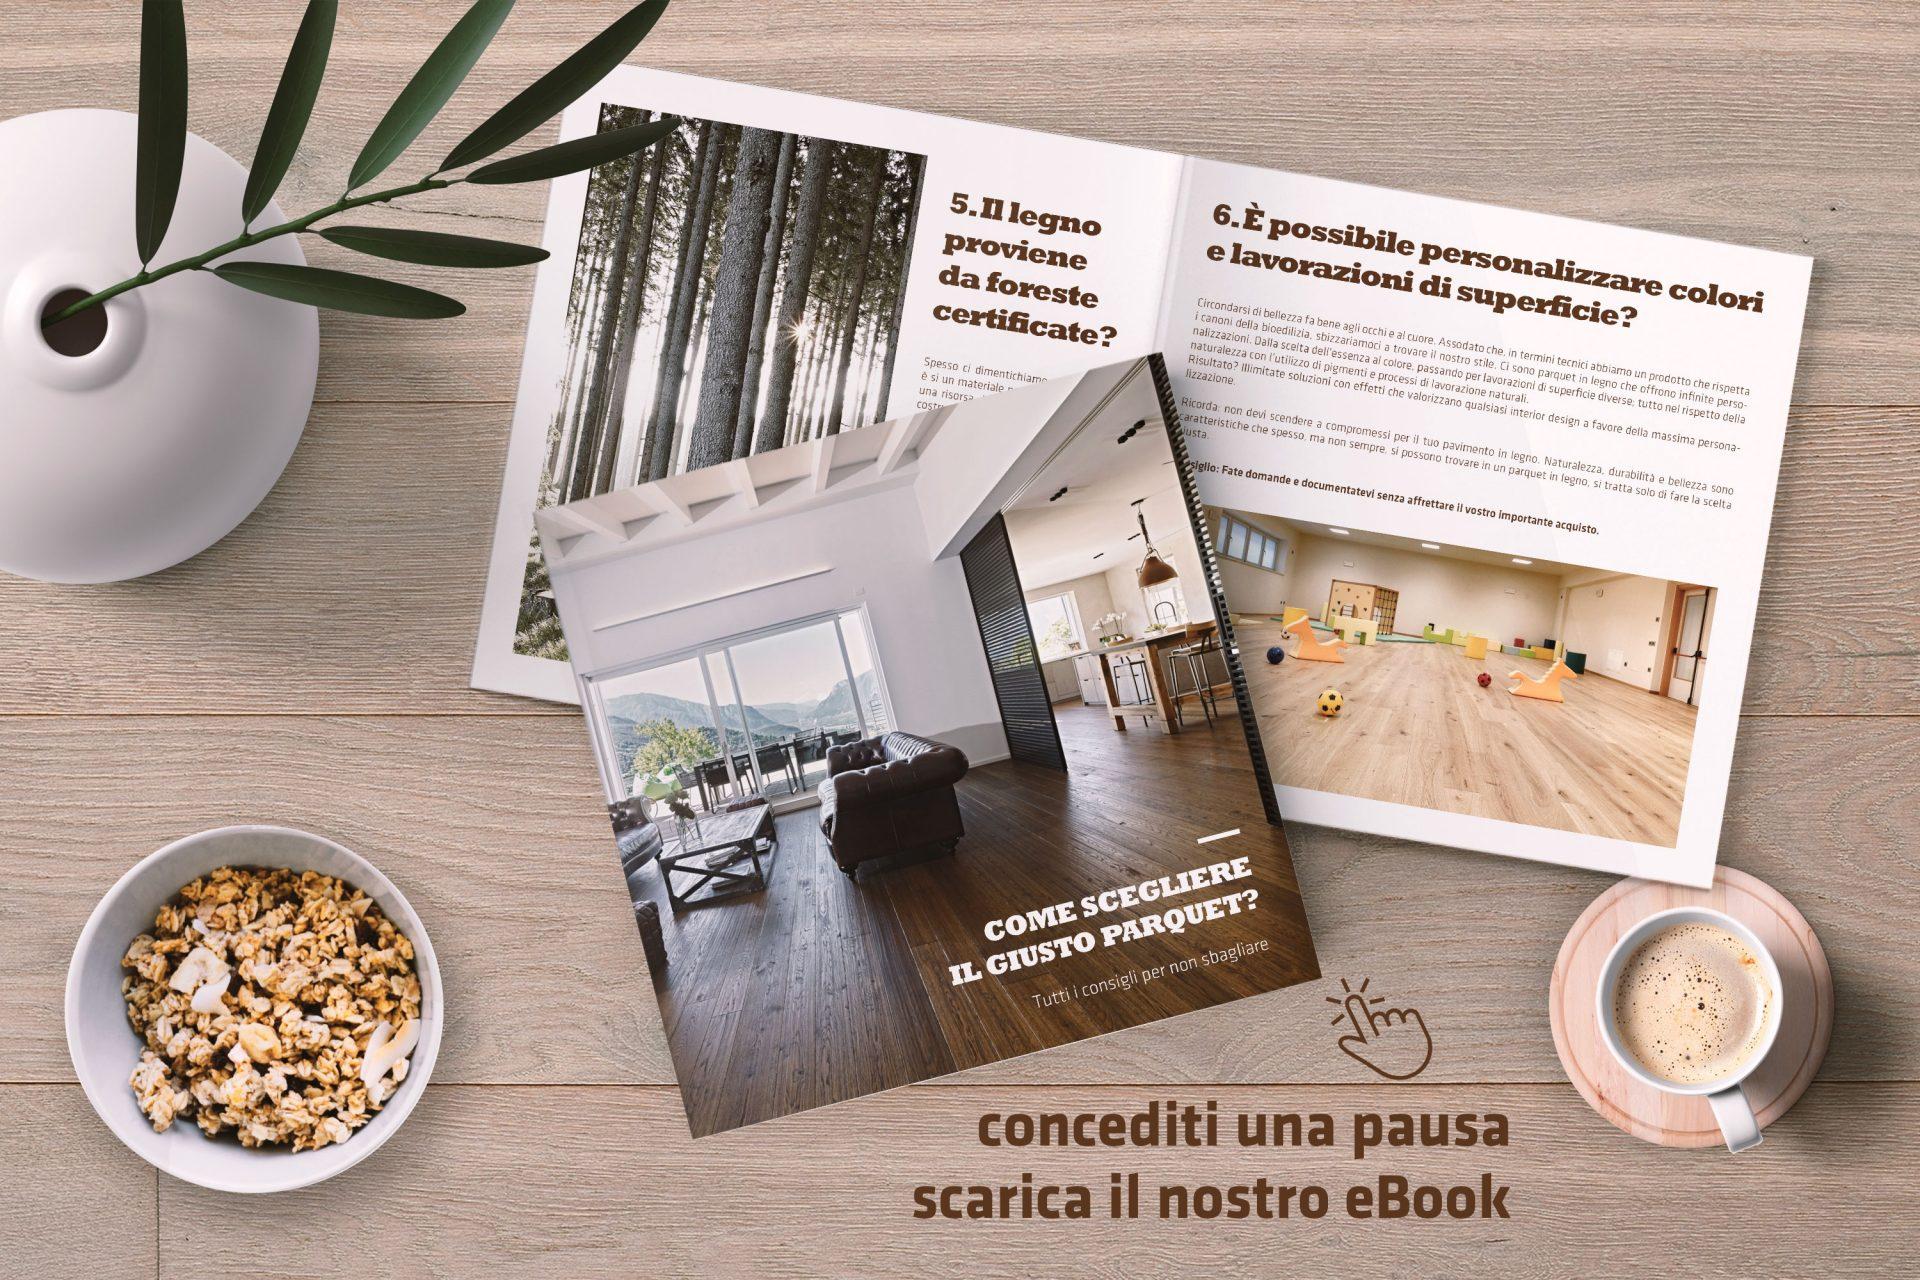 Pavimento Laminato In Cucina Opinioni parquet in cucina – biofiemme